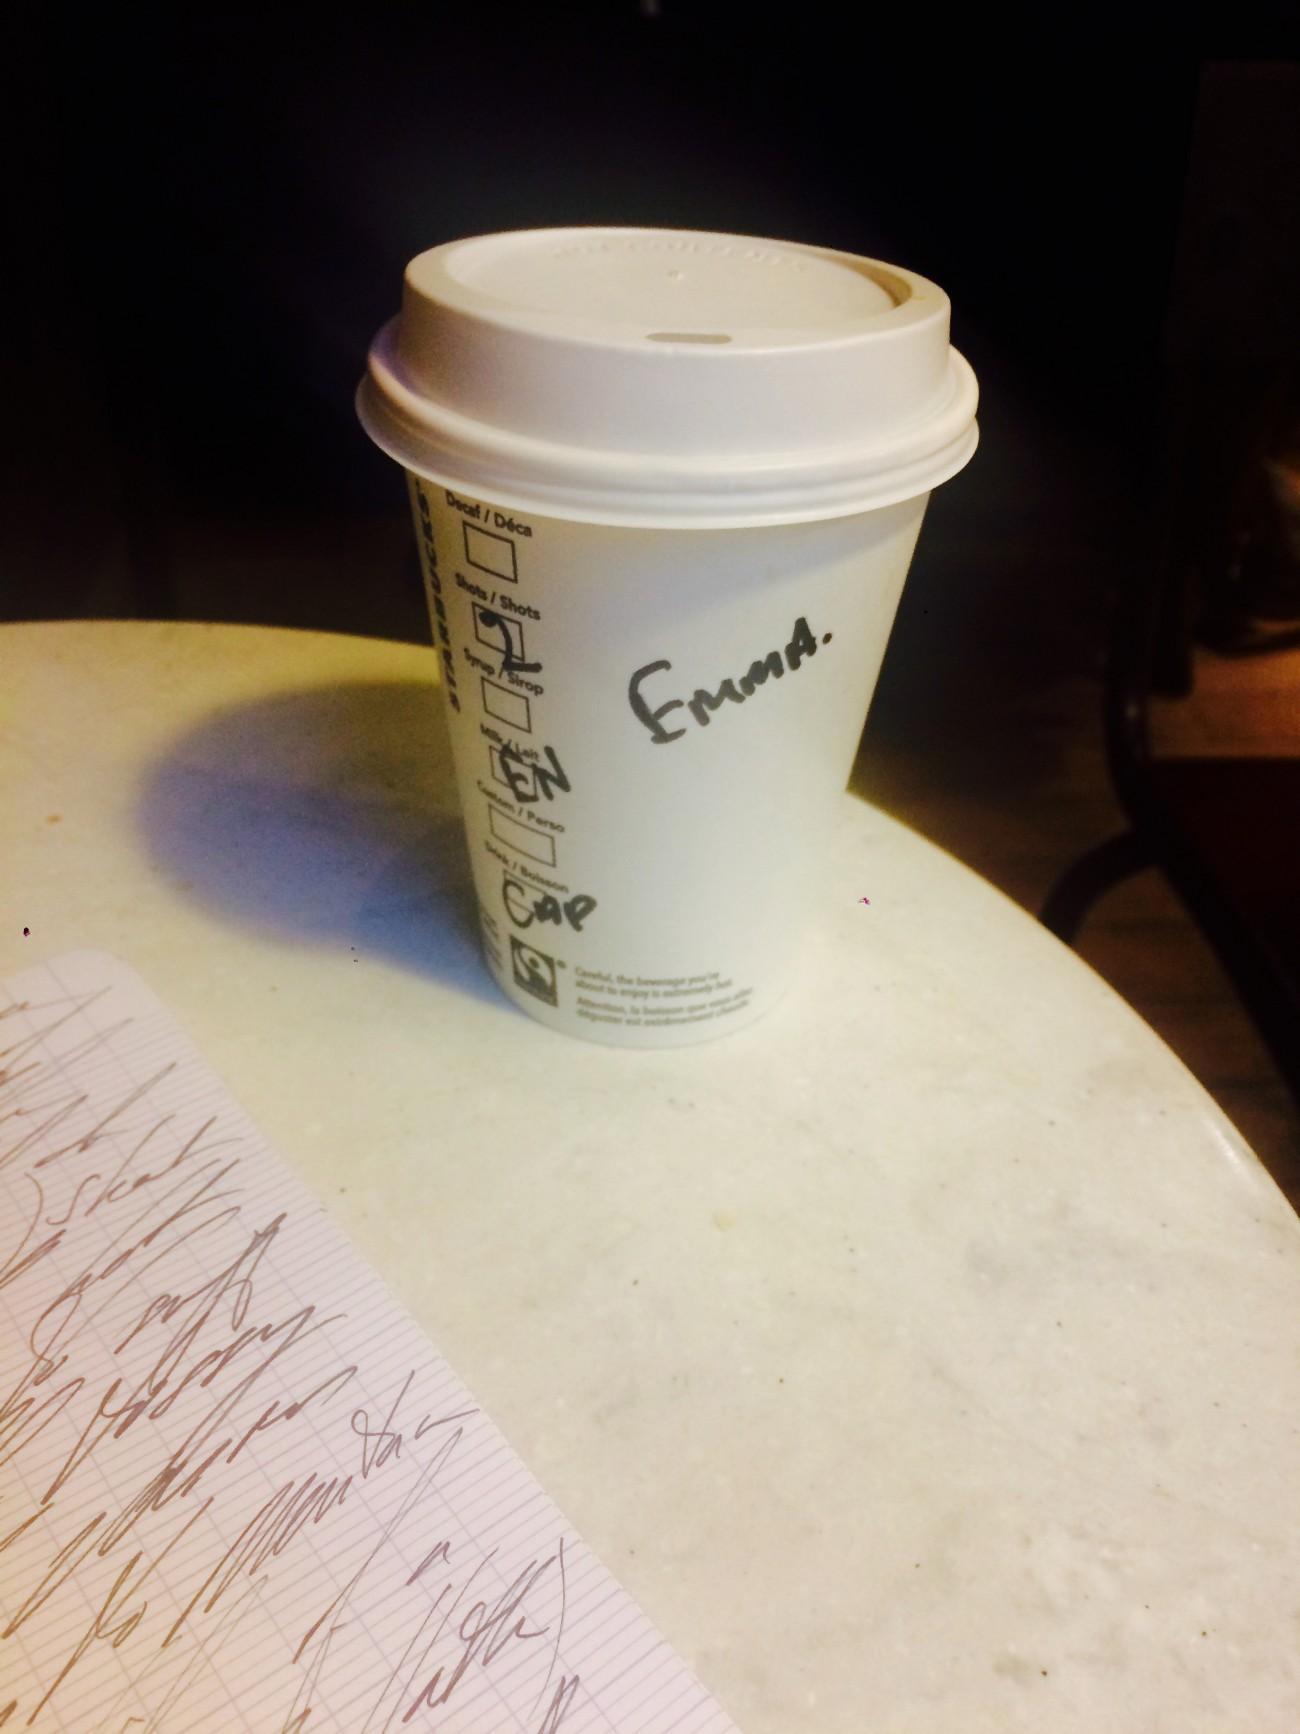 Vanessa Place et Steve Giasson. Performance invisible n° 109 (Mettre son égo de côté : Adopter un faux nom chez Starbucks). Performeuse : Vanessa Place. Crédit photographique : Vanessa Place.31 mars 2016.